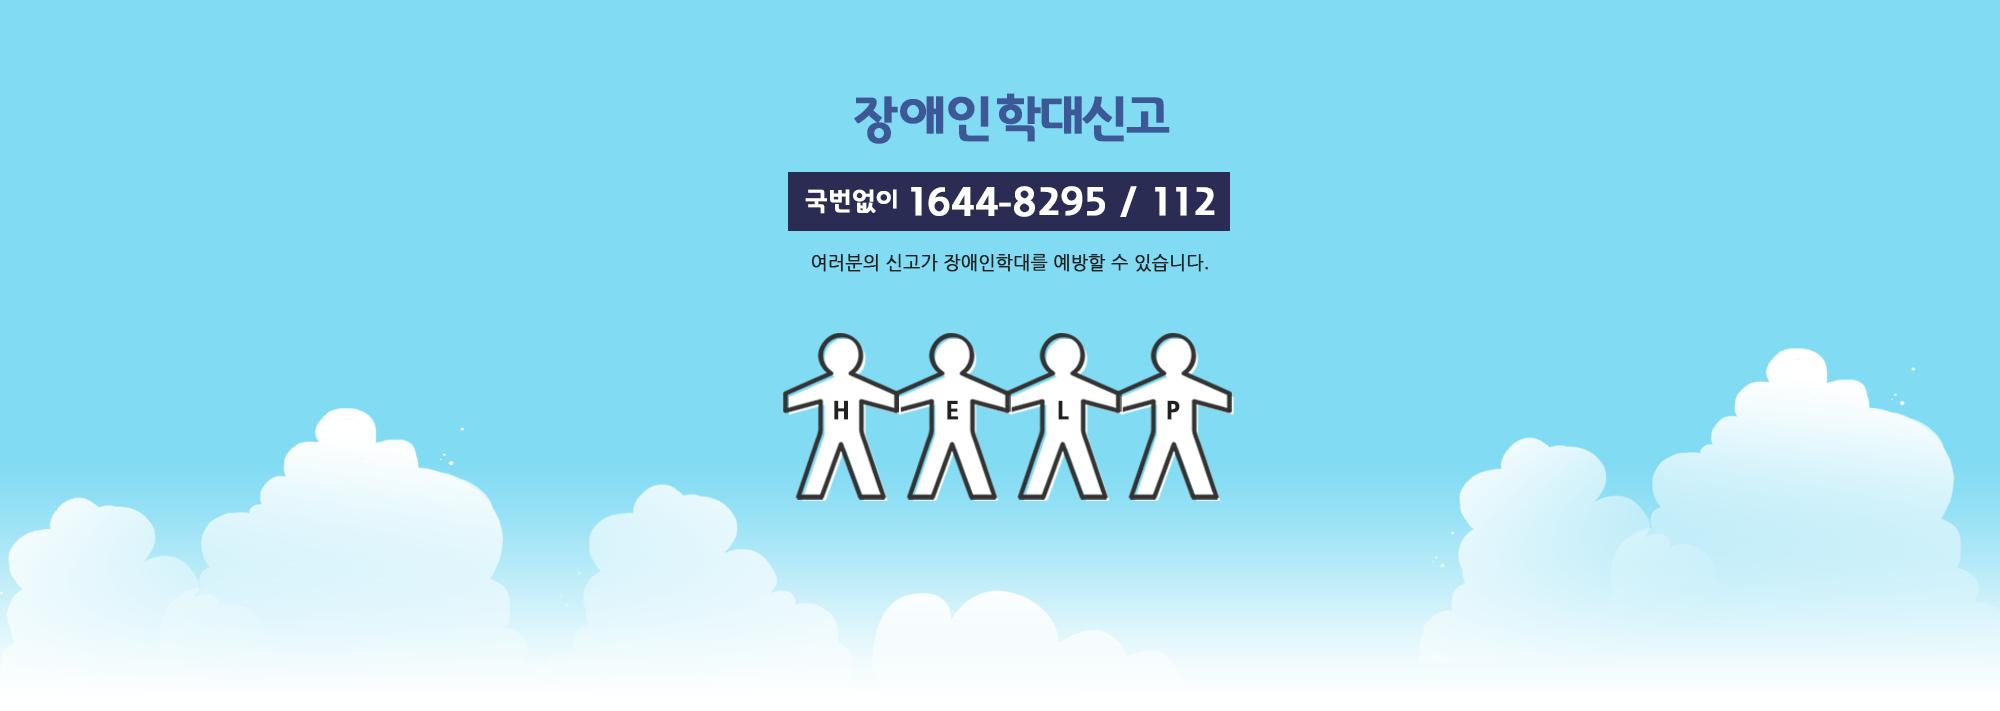 장애인학대신고 국번없이 1644-8295 / 112 여러분의 신고가 장애인학대를 예방할 수 있습니다.